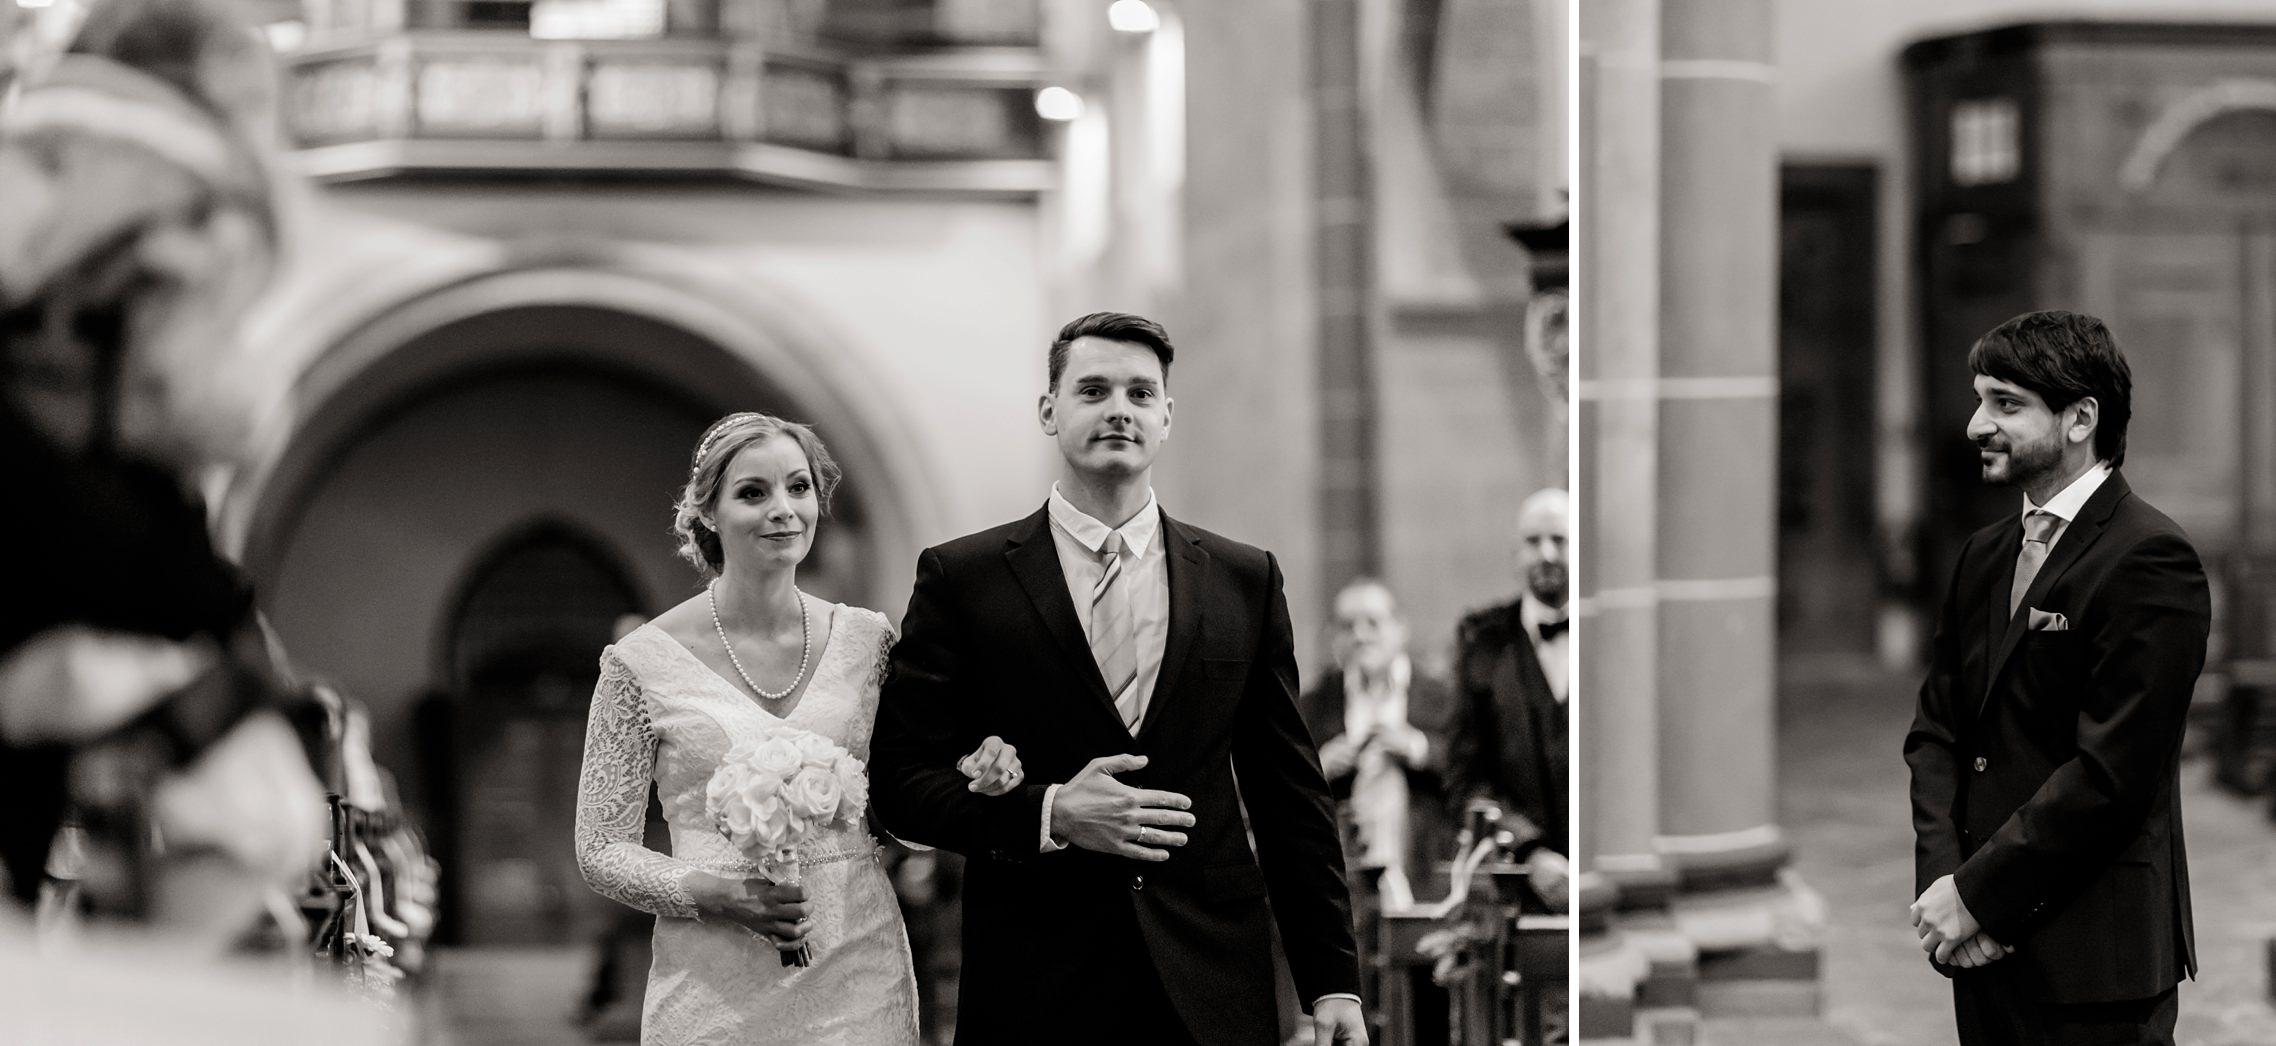 Der Bruder der Braut führt seine Schwester zum Altar, da ihr Vater die Hochzeit leider nicht mehr miterleben kann.